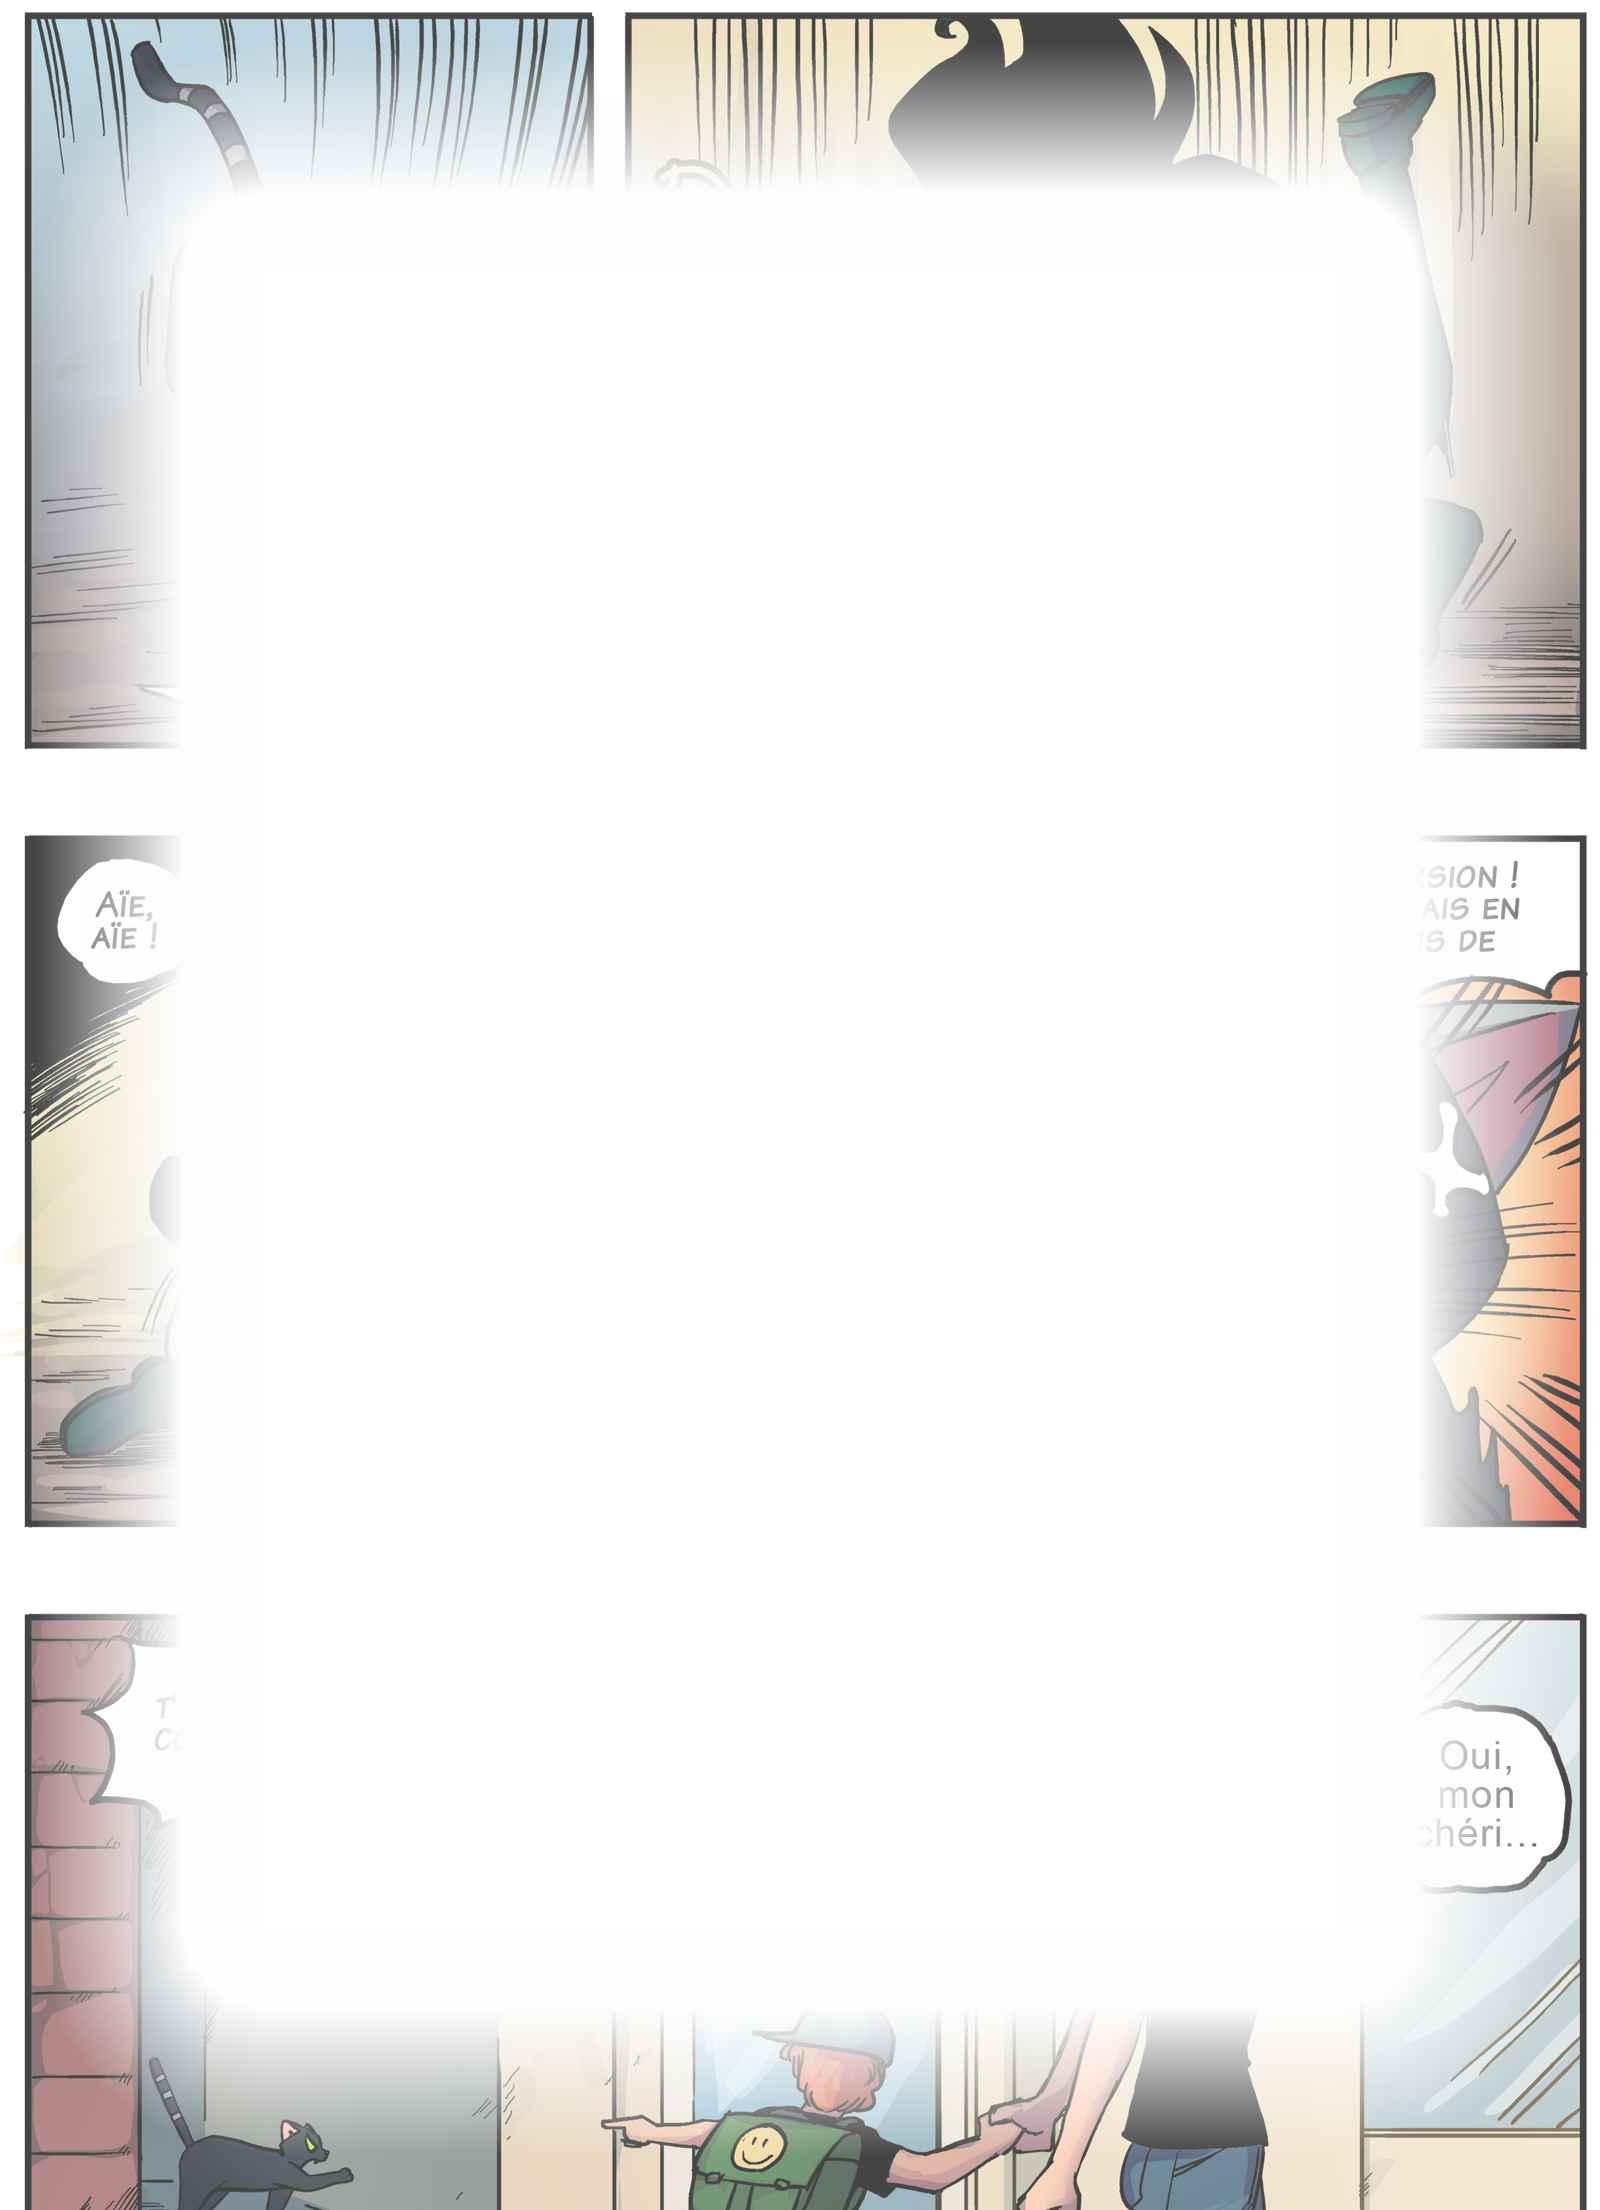 Hémisphères : Chapitre 6 page 12